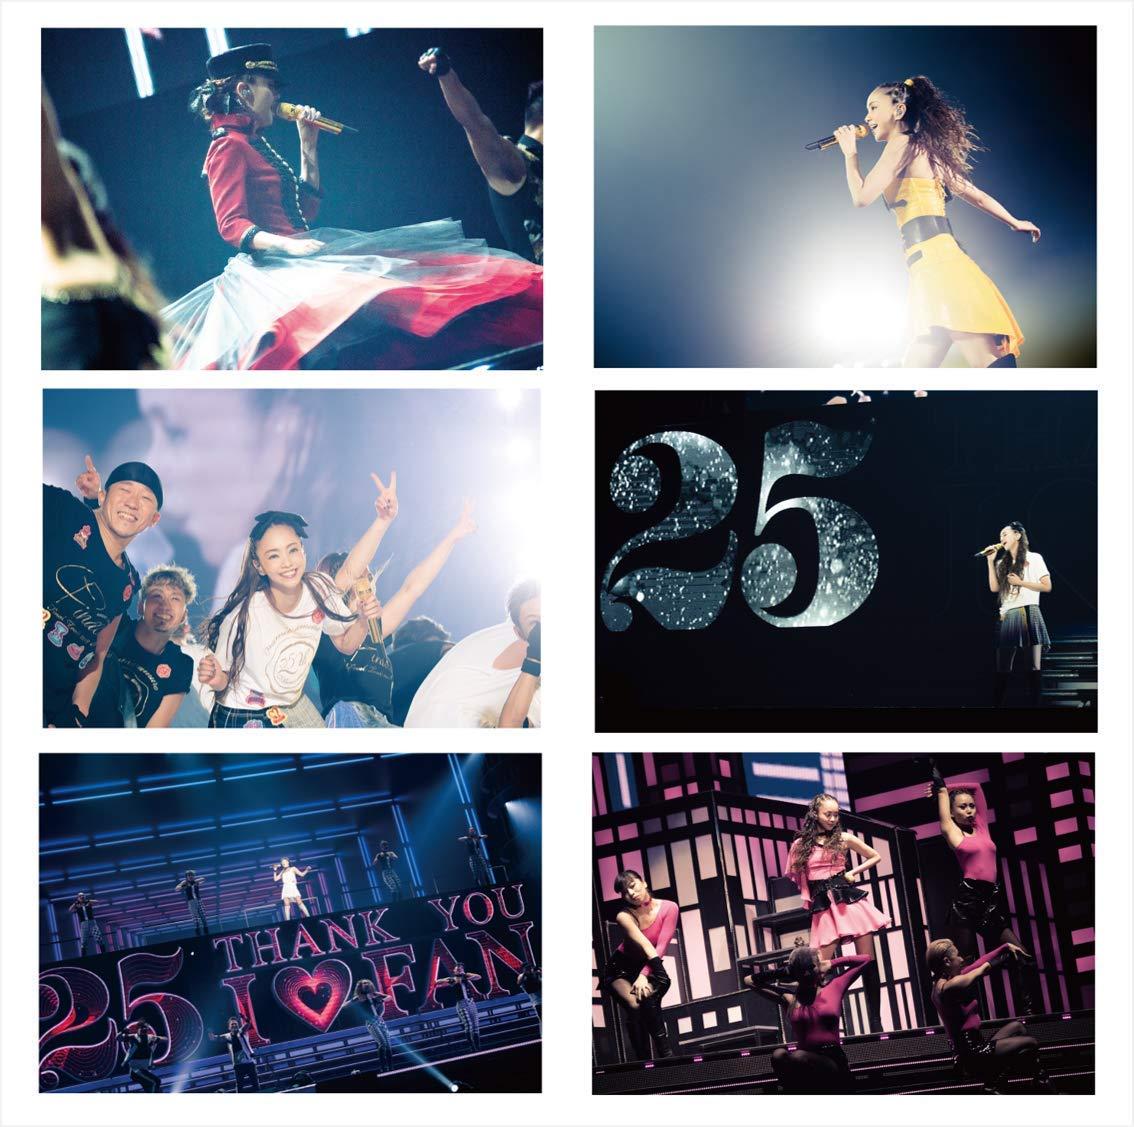 namie amuro Final Tour 2018 ~Finally~ (DVD5枚組)(初回生産限定盤)限定写真使用の縦型卓上カレンダー」付